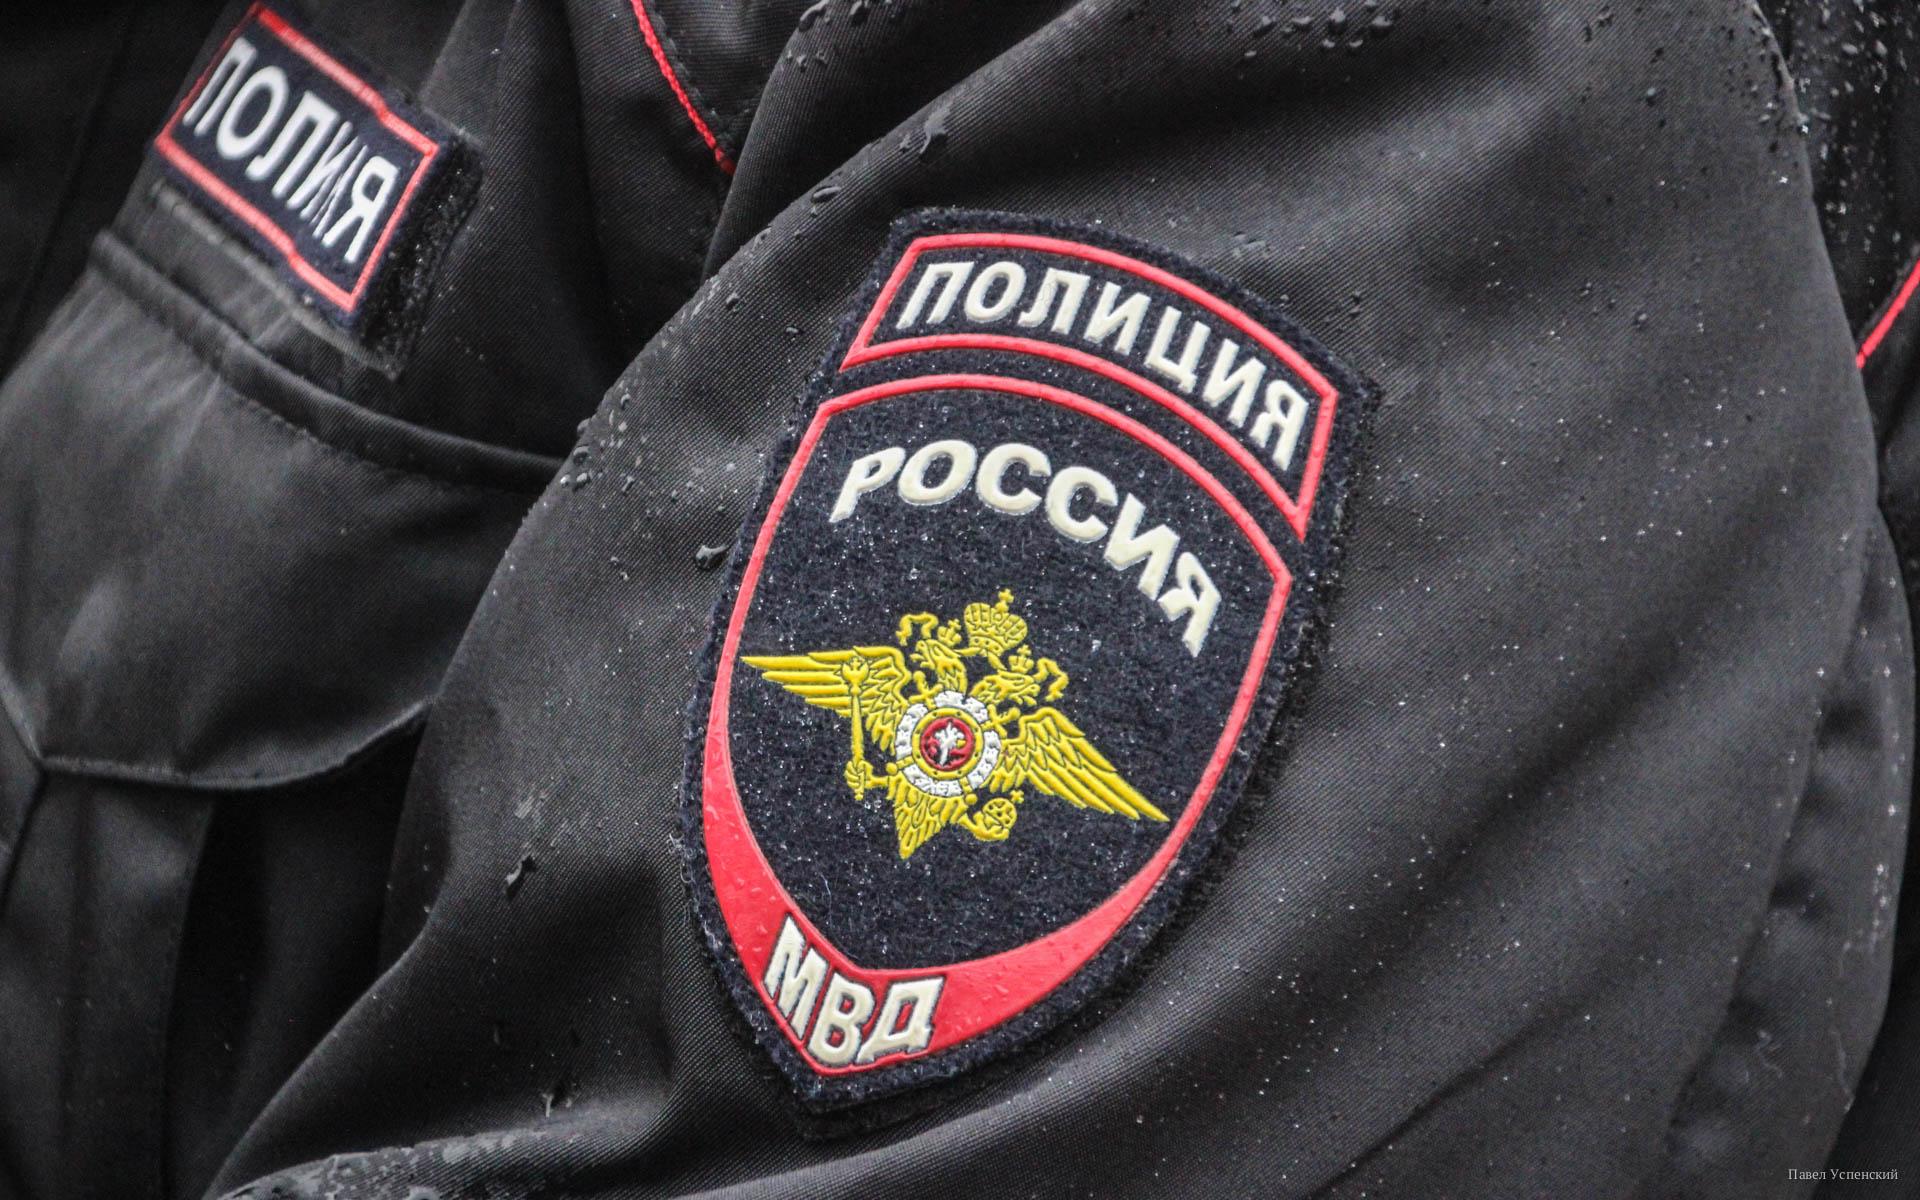 Житель Тверской области зарезал женщину, которая отказалась дать ему денег - новости Афанасий